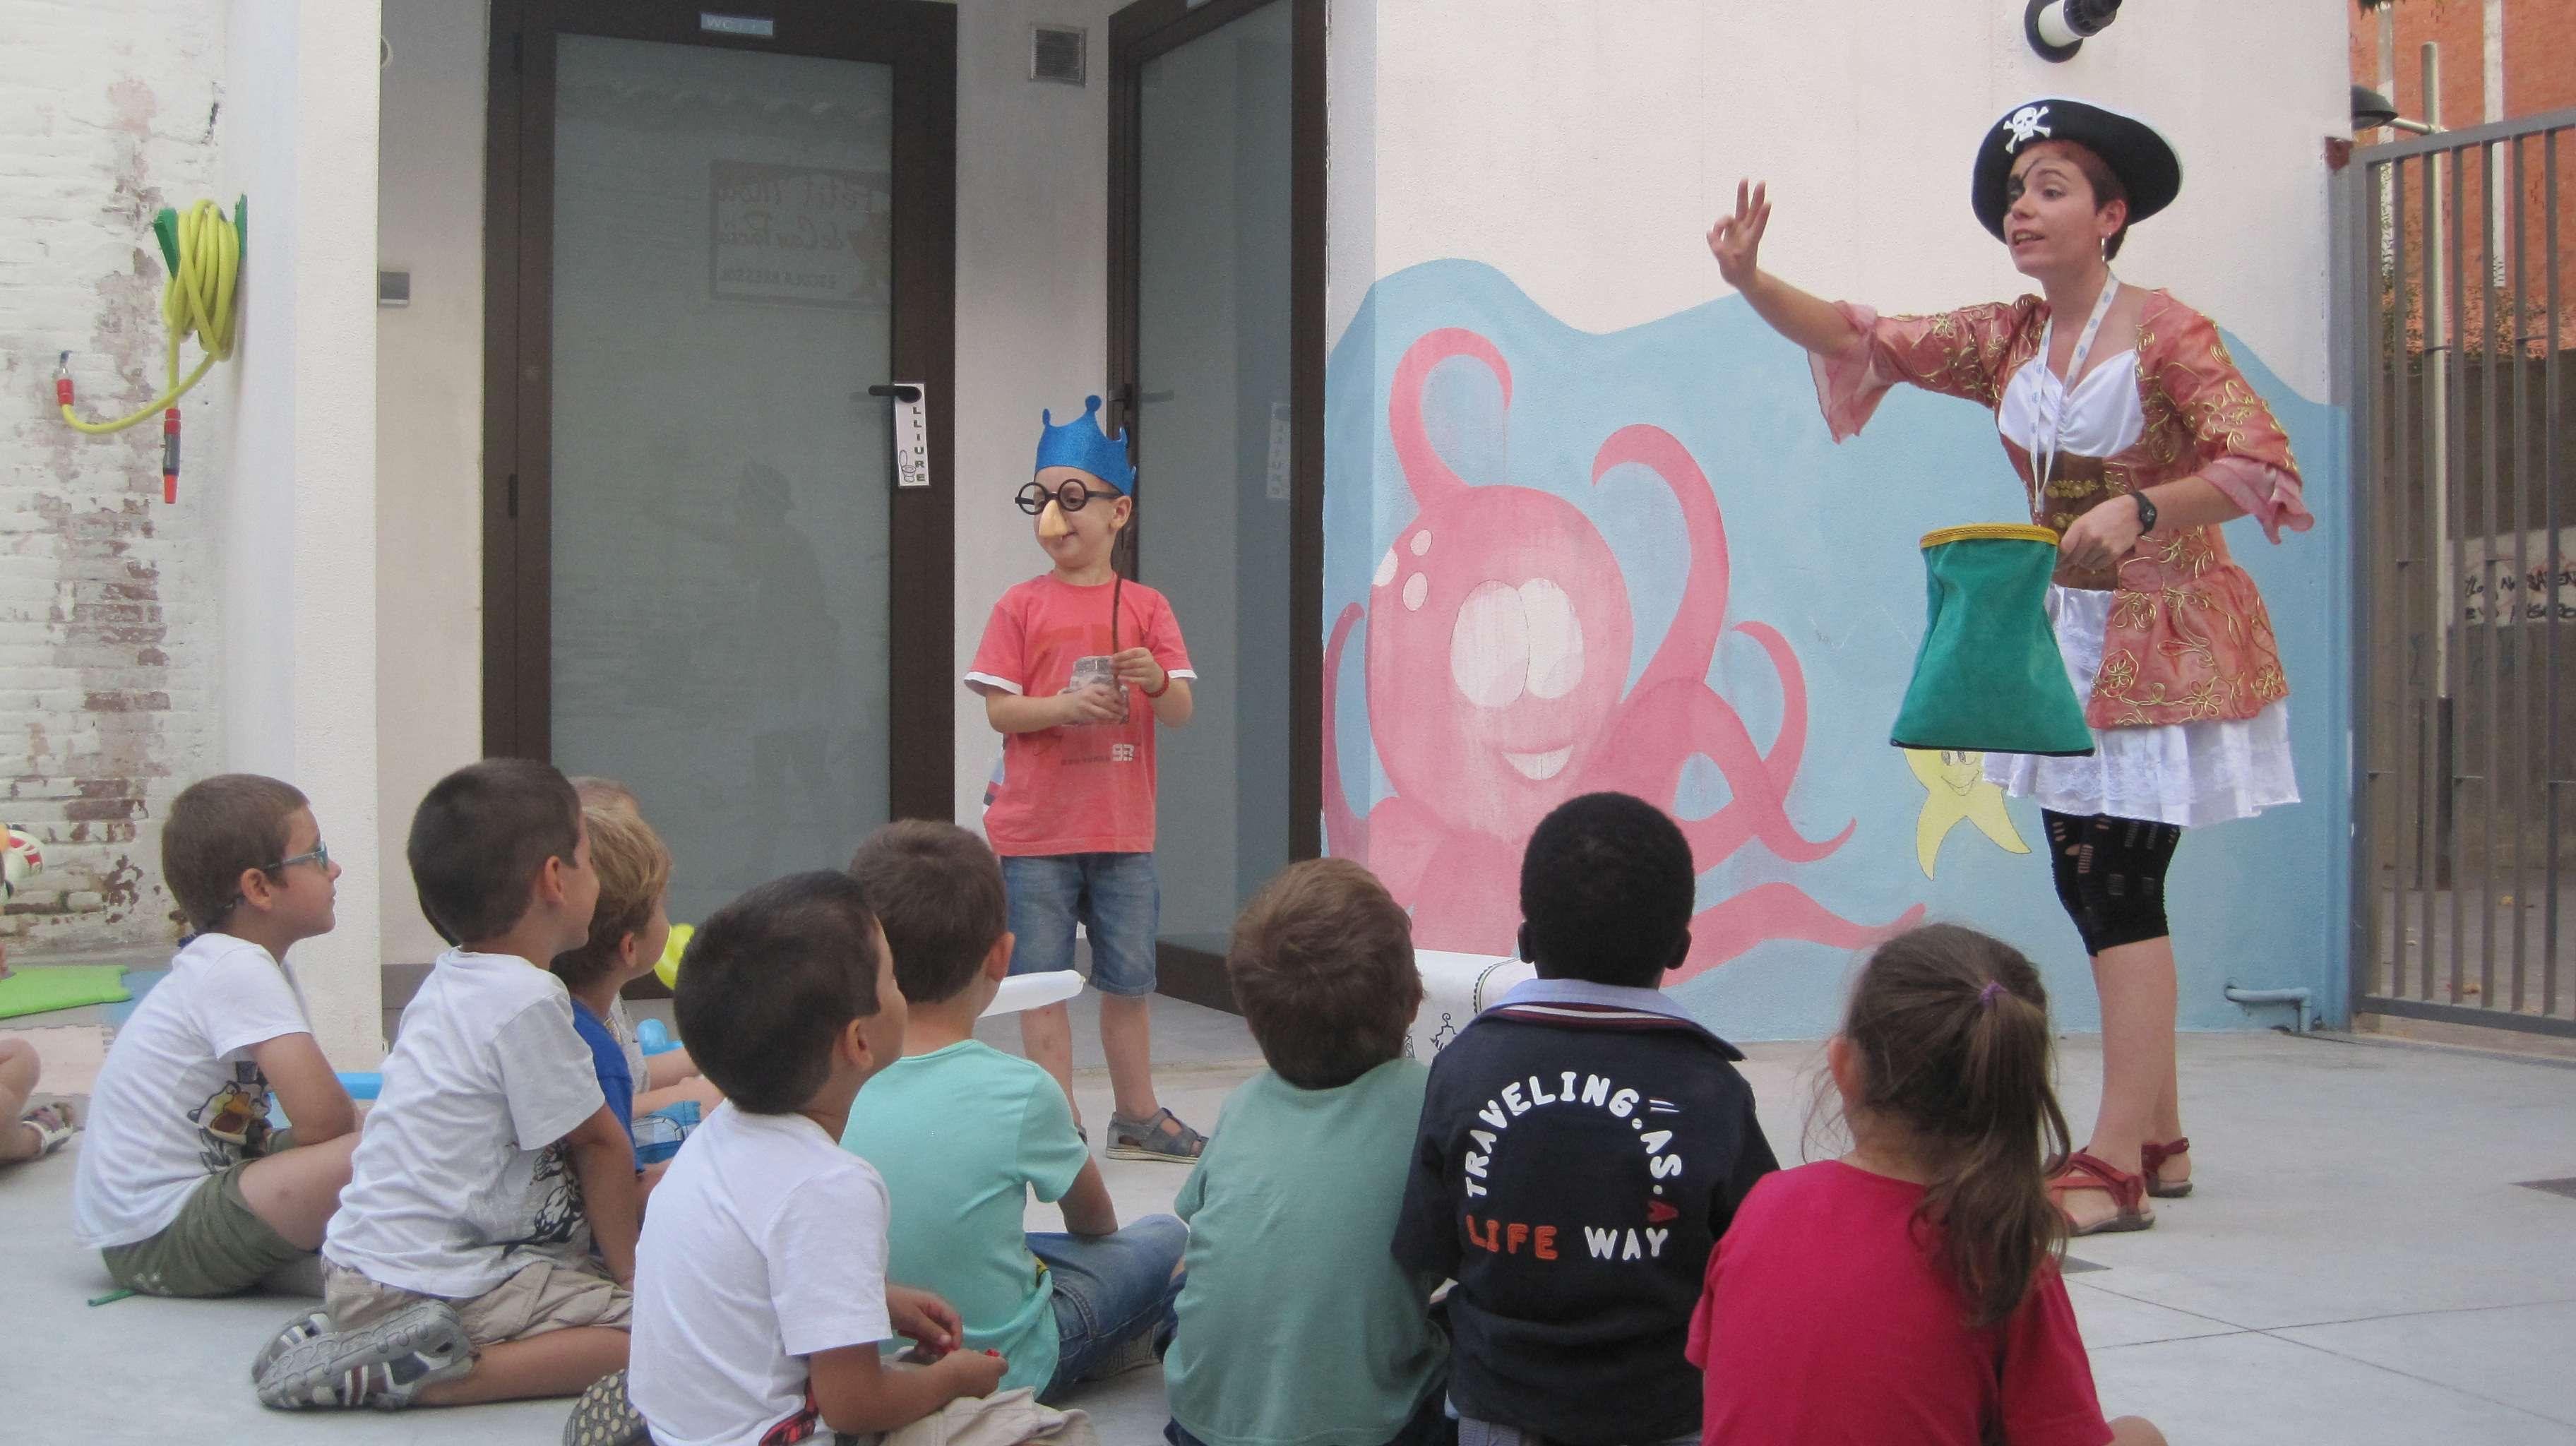 magia pra cumpleaños infantiles, magia para cumpleaños de niños, magia infantil, magia para fiestas infantiles,